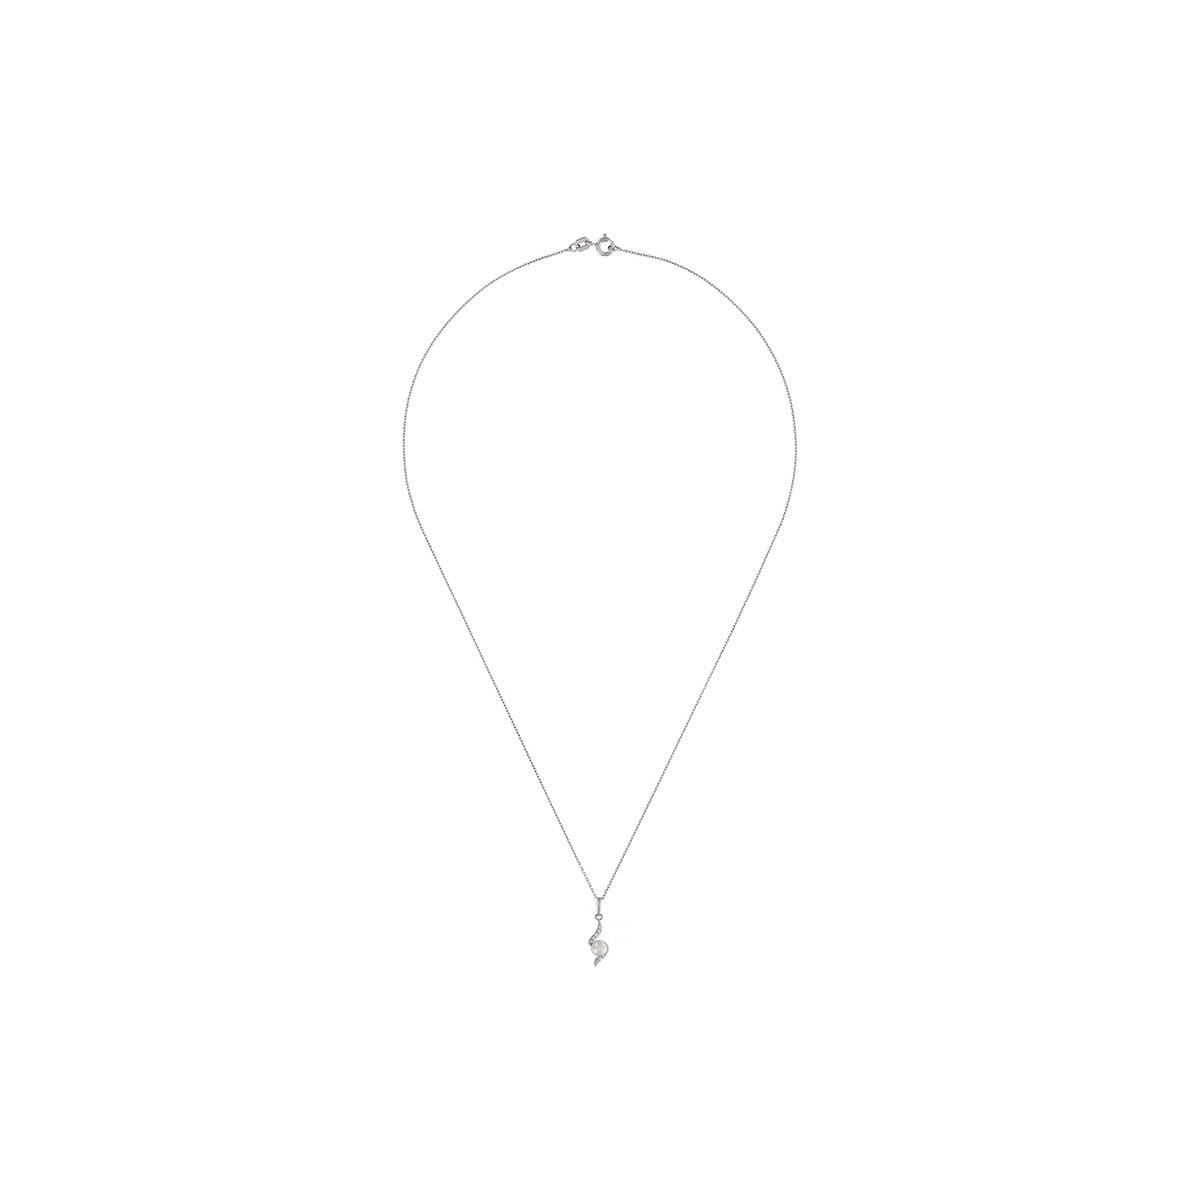 """Pendentif Or Blanc, perle de culture blanche et oxyde de zirconium  """"Câjoleur"""" + chaîne argent offerte"""